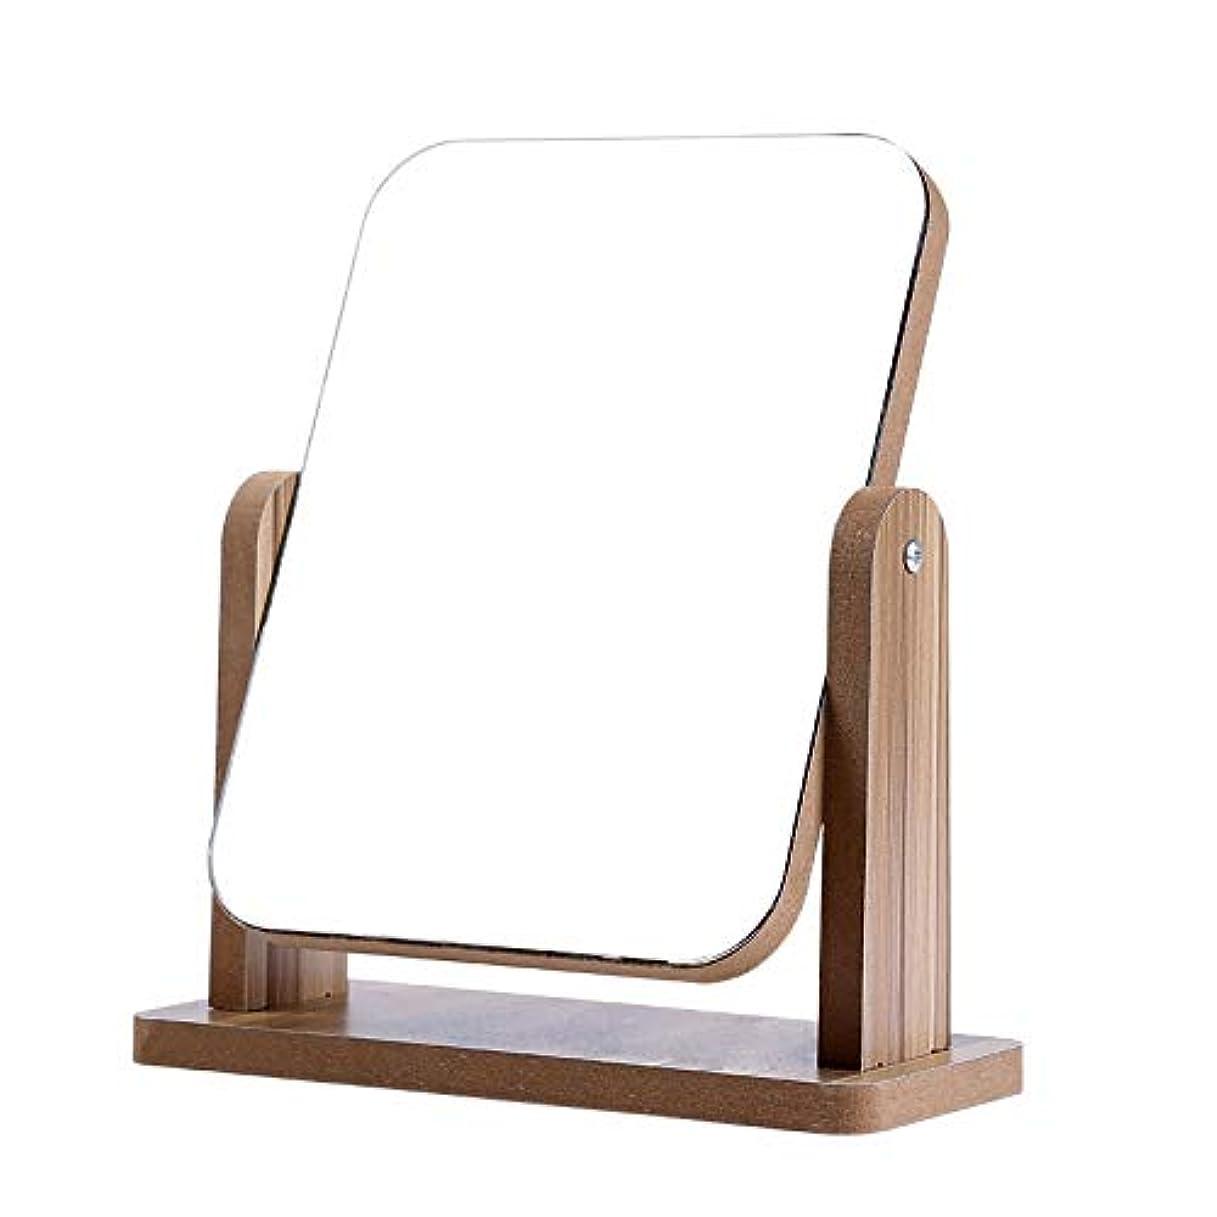 フリースライセンス沿ってAnyasun 卓上ミラー 化粧ミラー メイクミラー 360度回転 スタンドミラー 化粧鏡 木目 (縦)